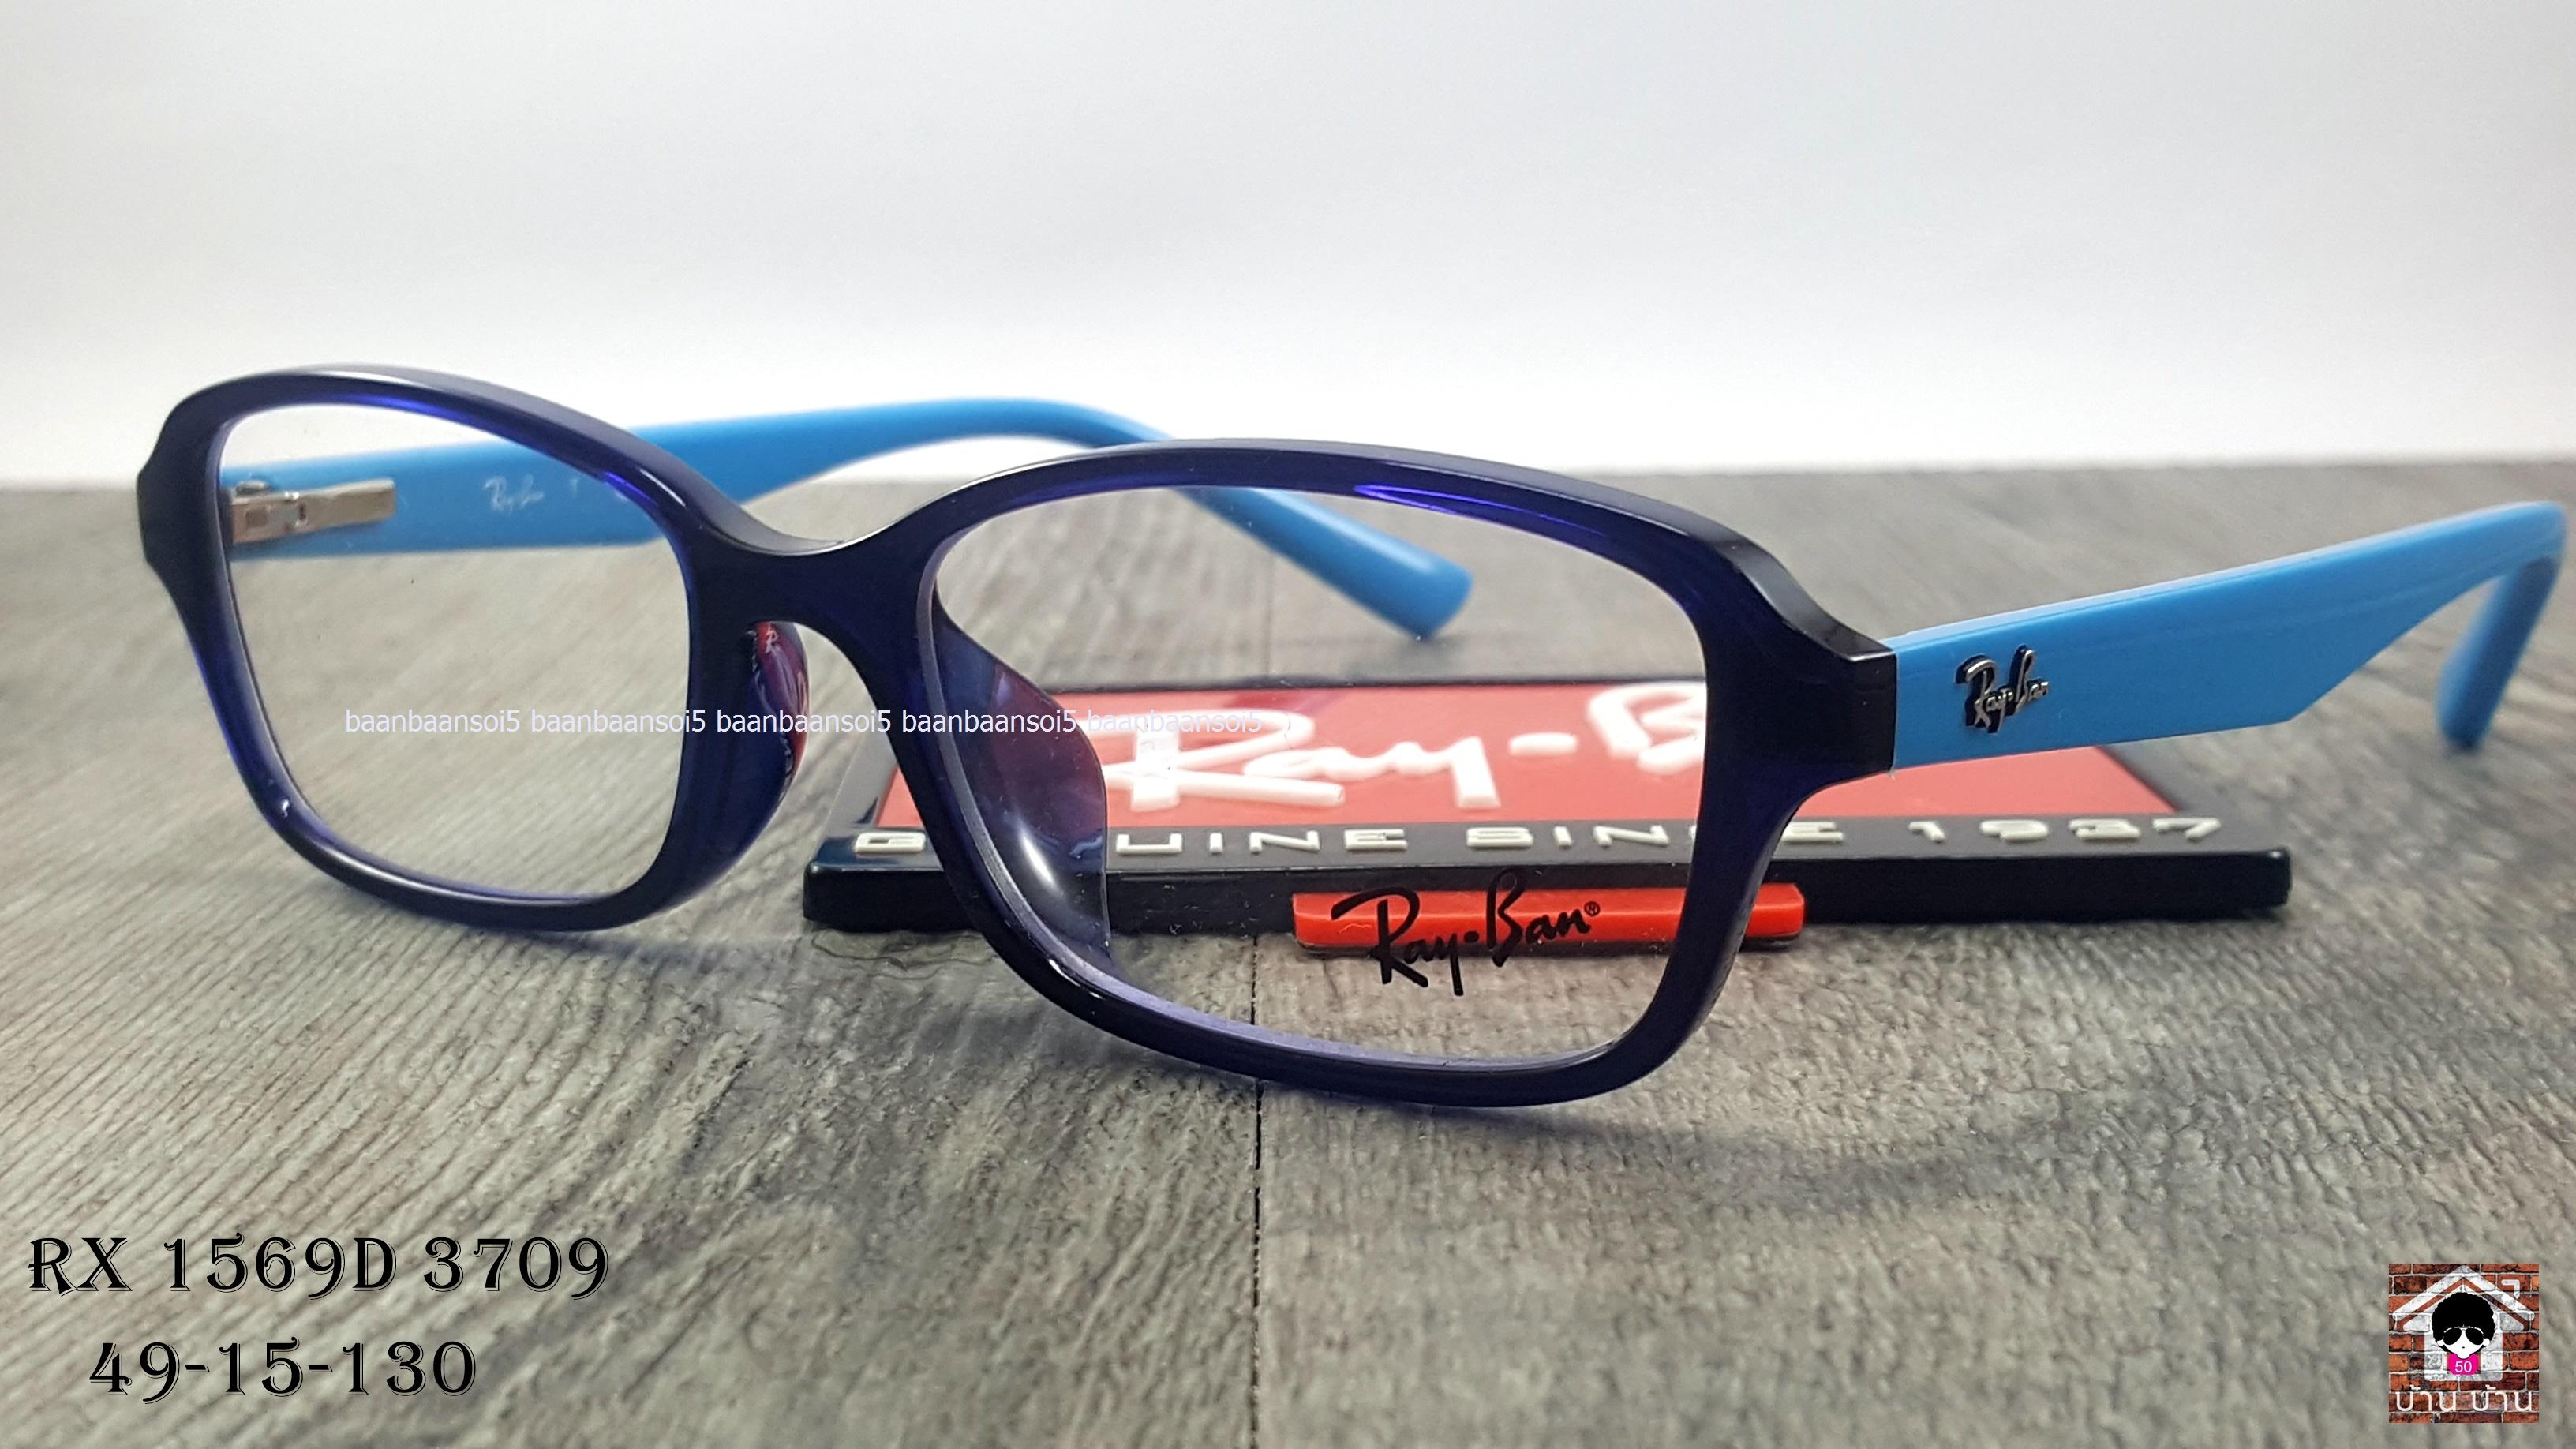 Rayban RX 5169D 3709 โปรโมชั่น กรอบแว่นตาพร้อมเลนส์ HOYA ราคา 2,900 บาท